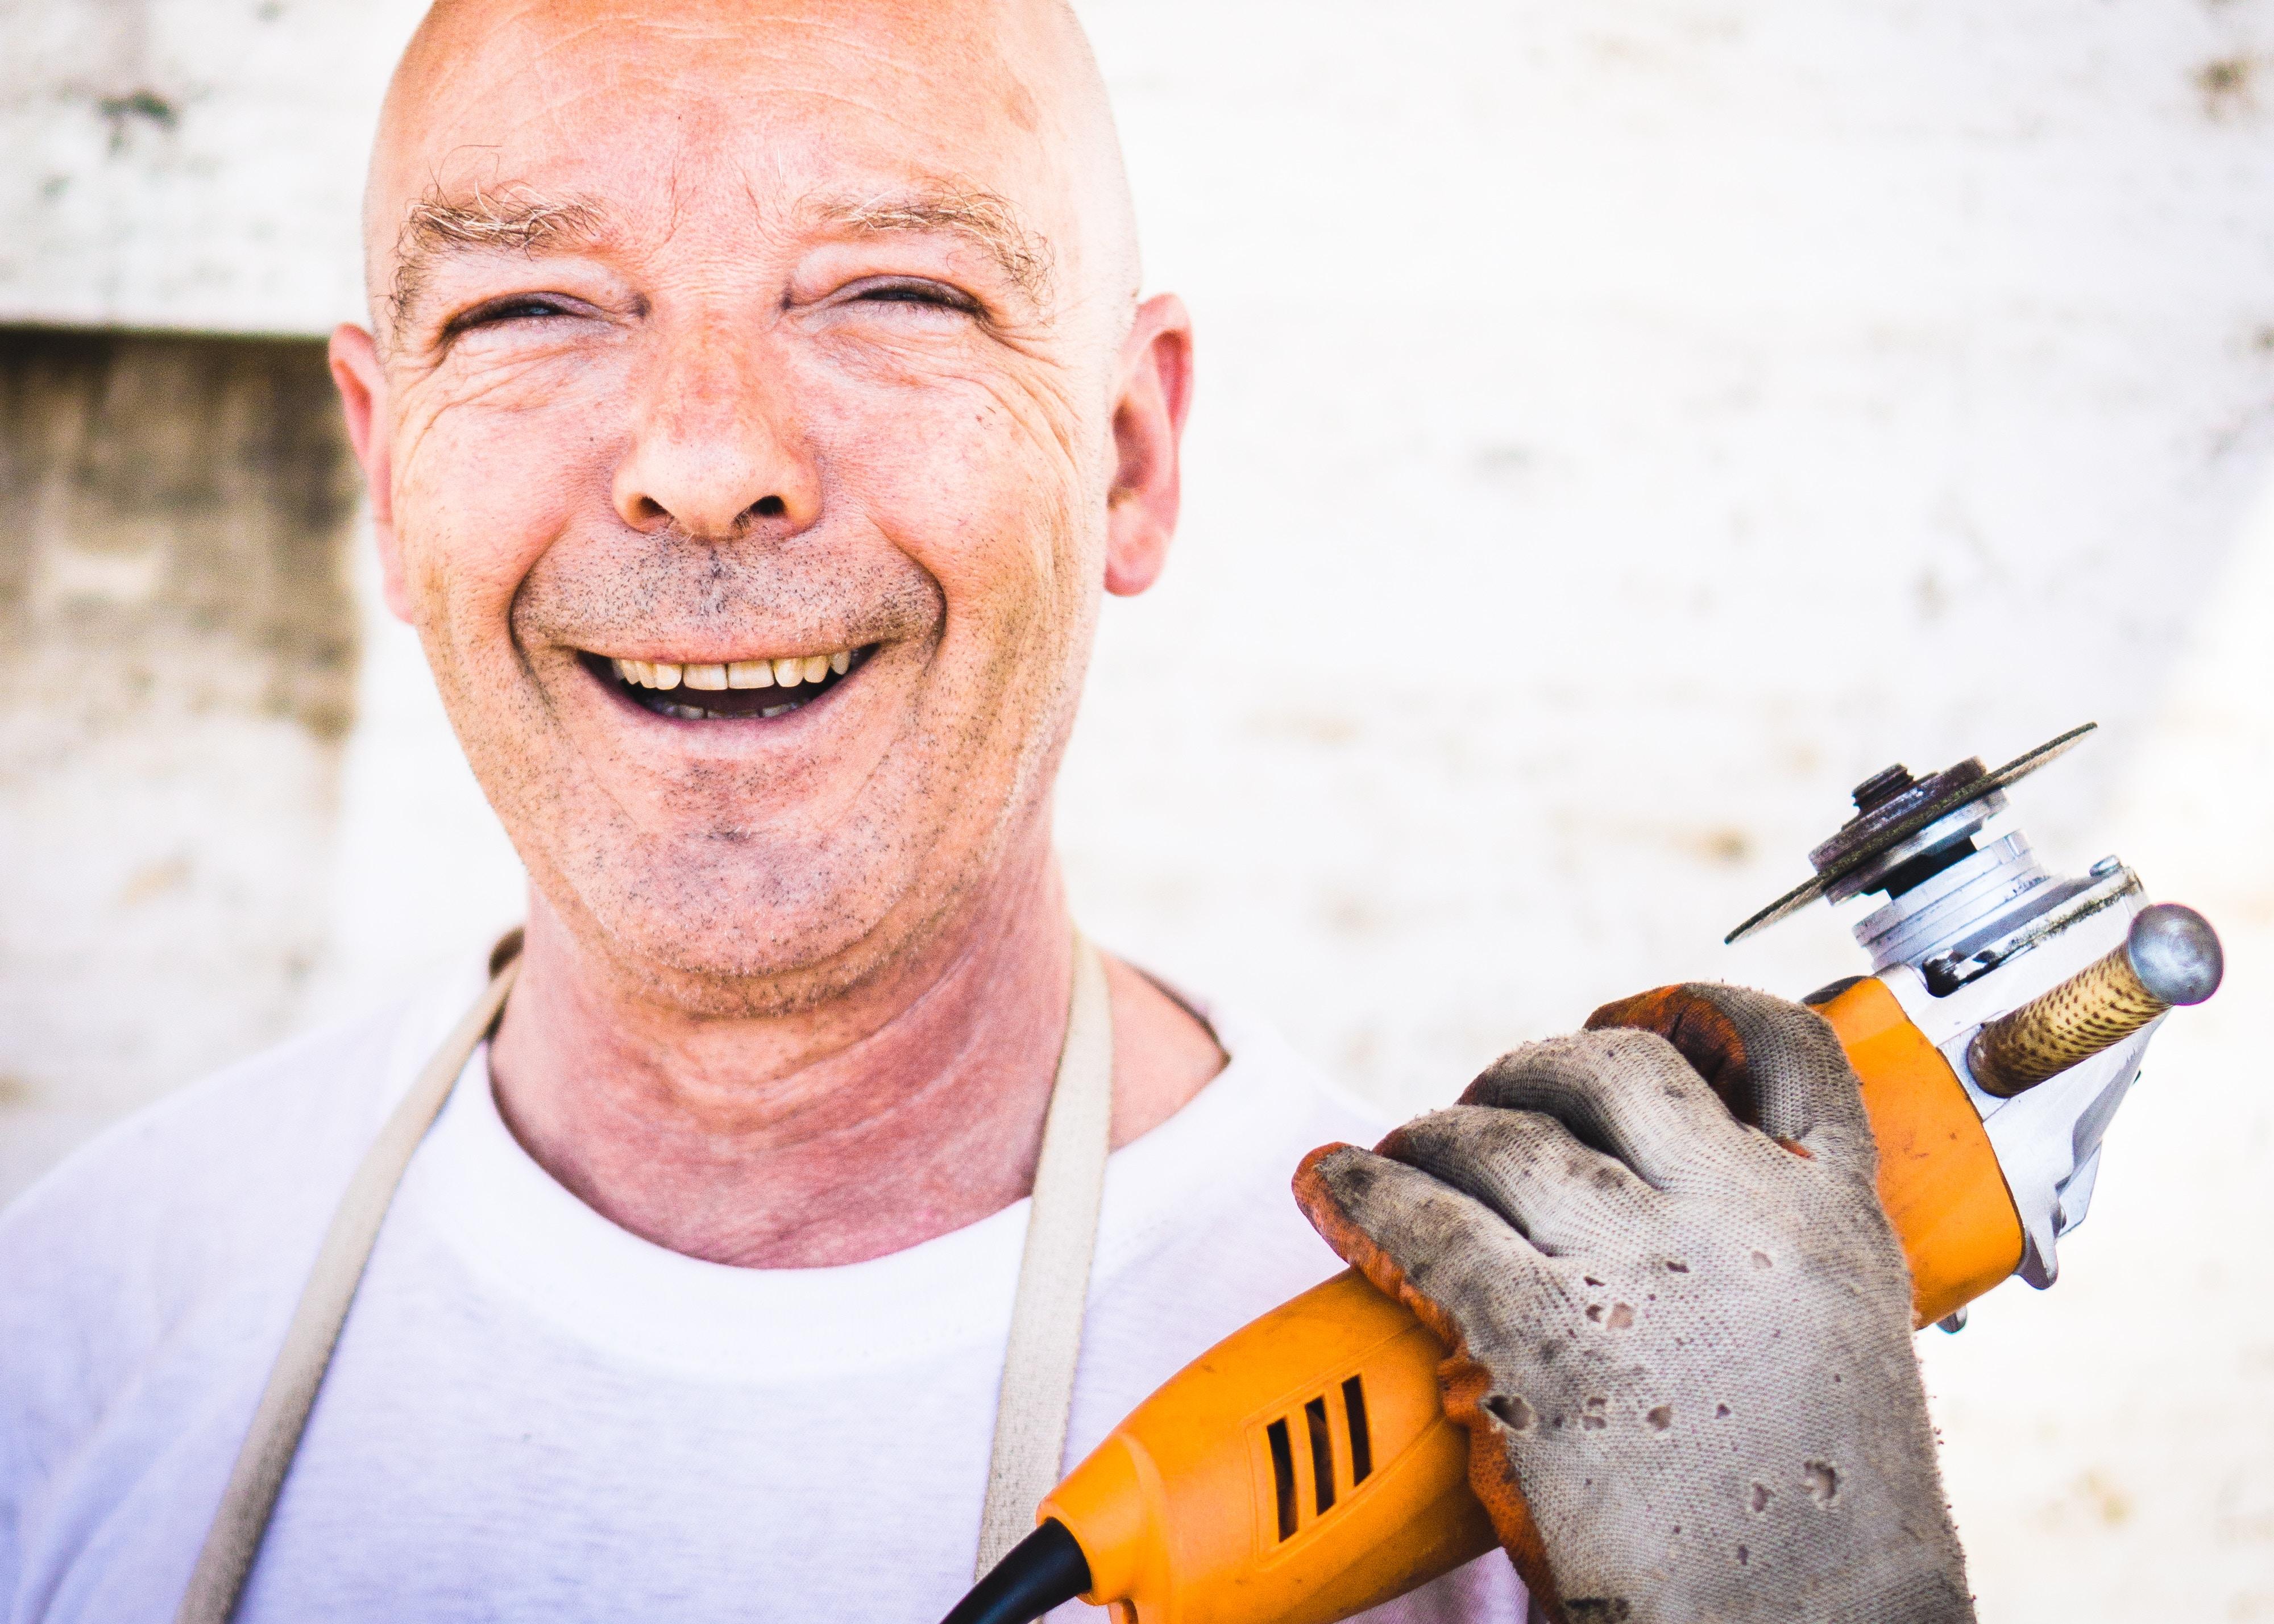 工事作業員で、顔が怖い人もいる